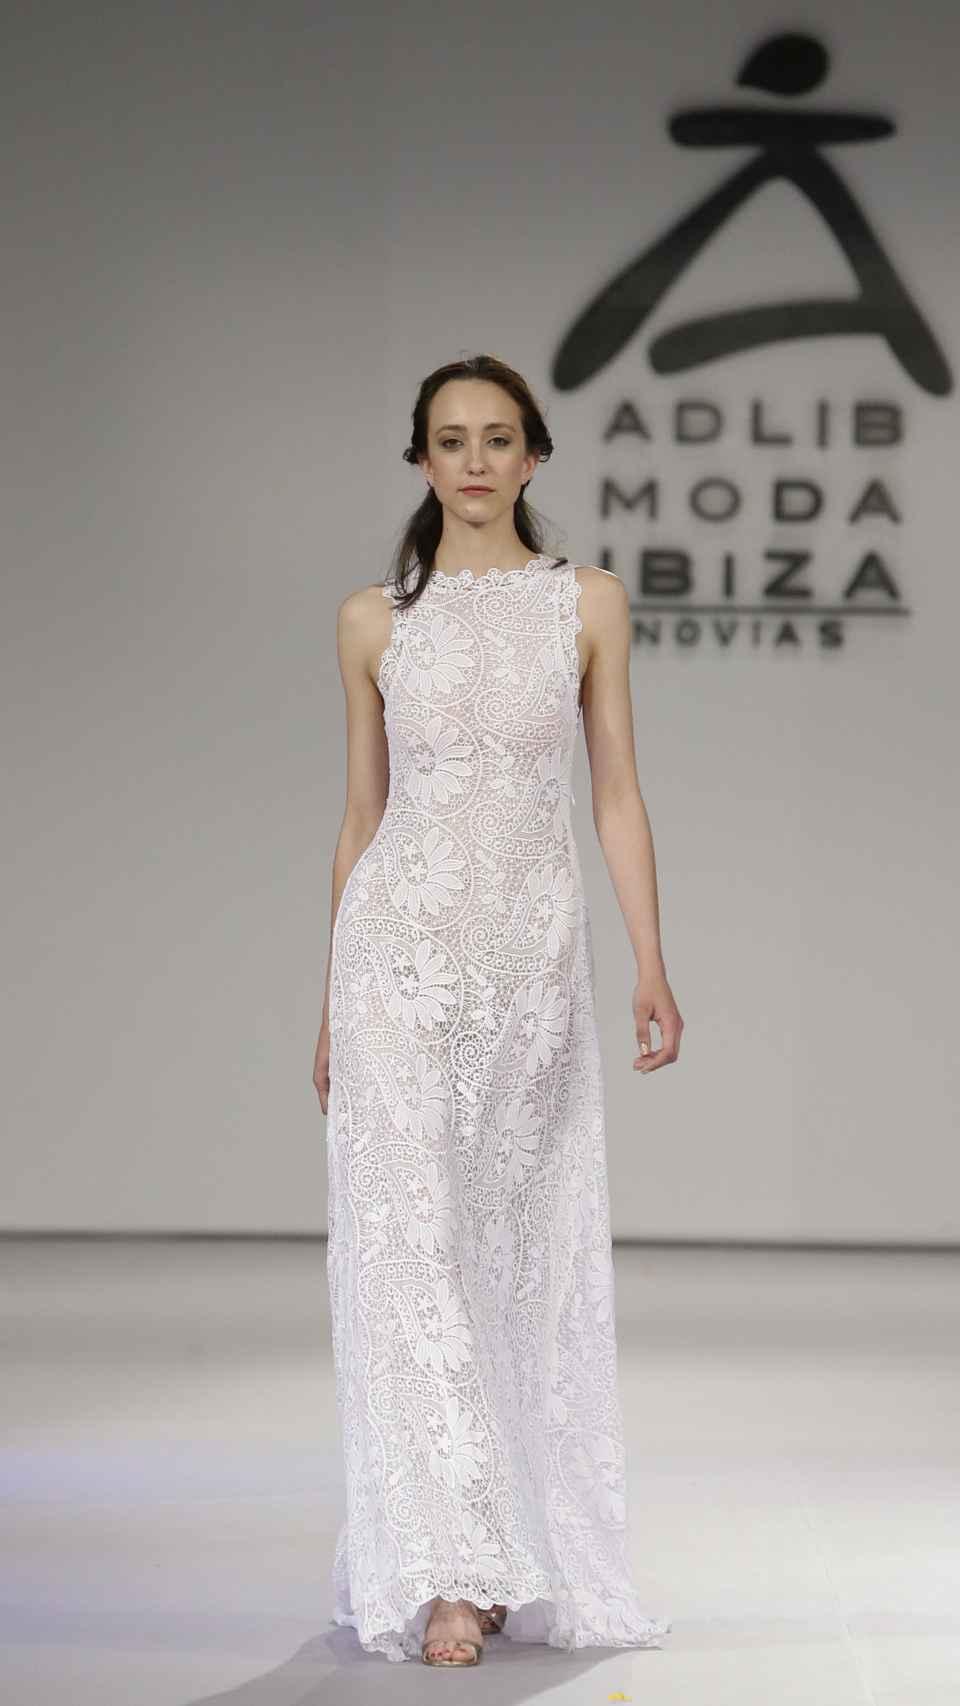 Imagen de uno de los desfiles de la Moda Adlib con un diseño de Charo Ruiz.